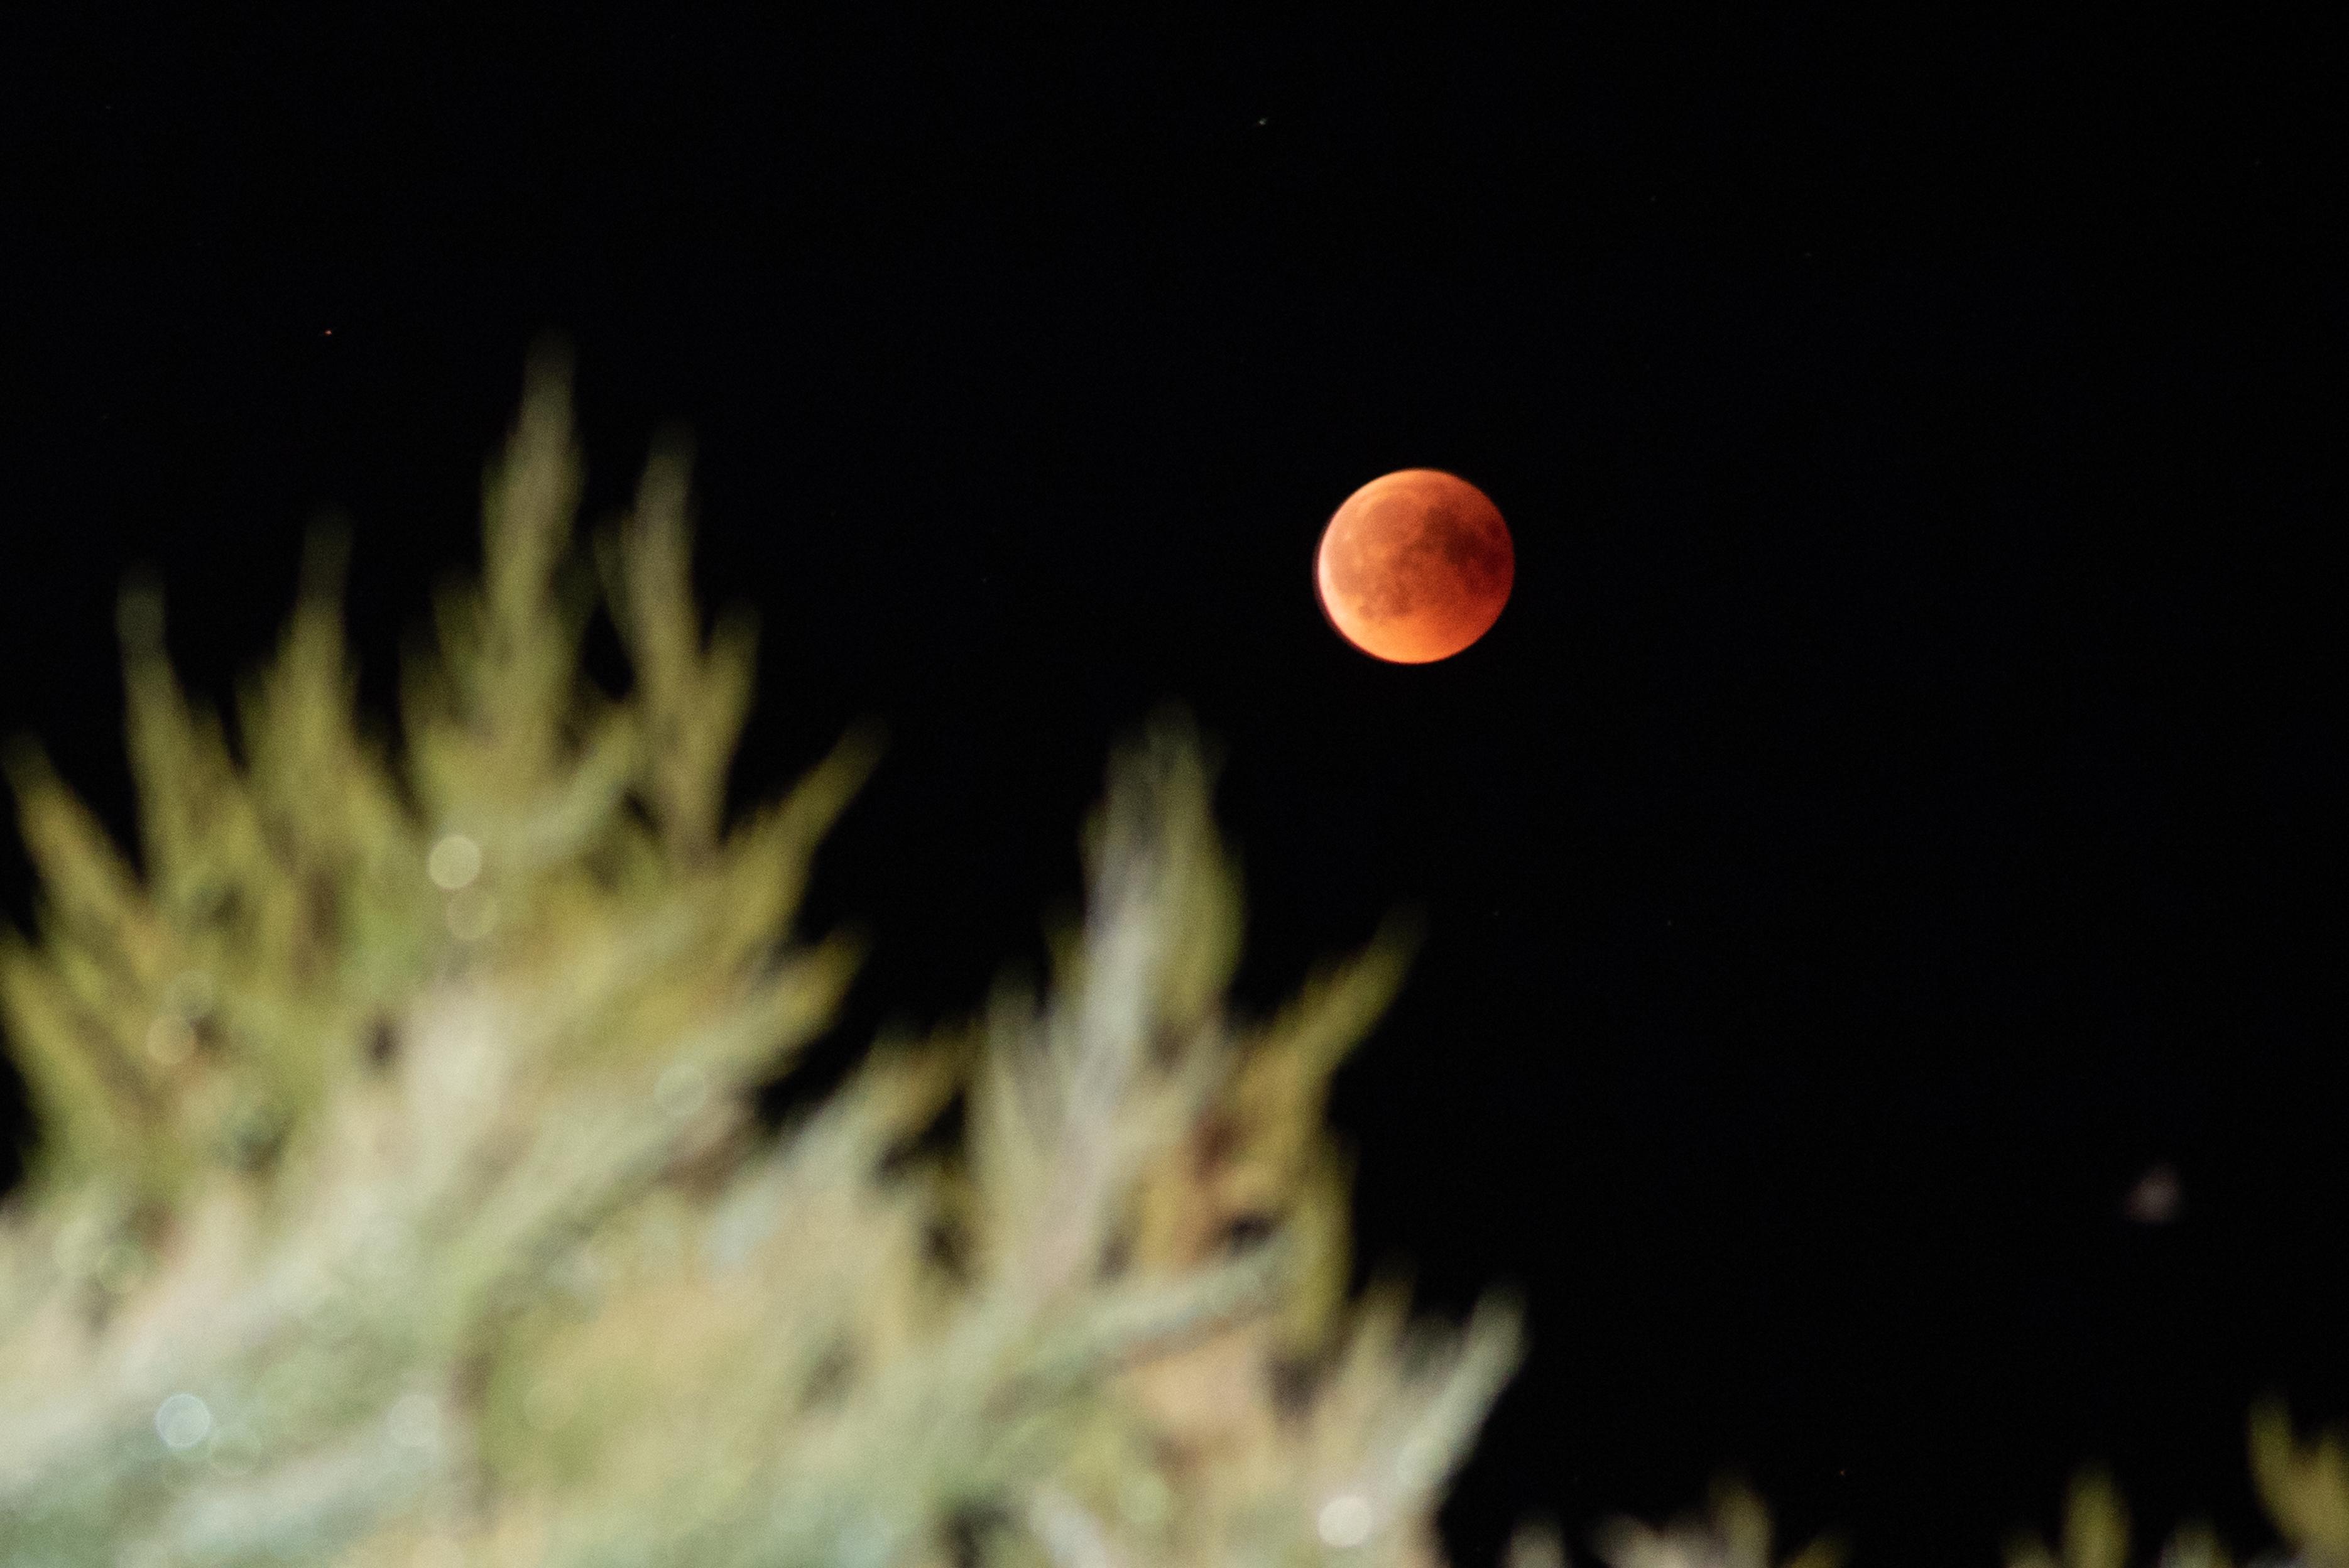 In der Nacht von Freitag auf Samstag (27./28. Juli) war die totale Mondfinsternis in Großpösna zu sehen.